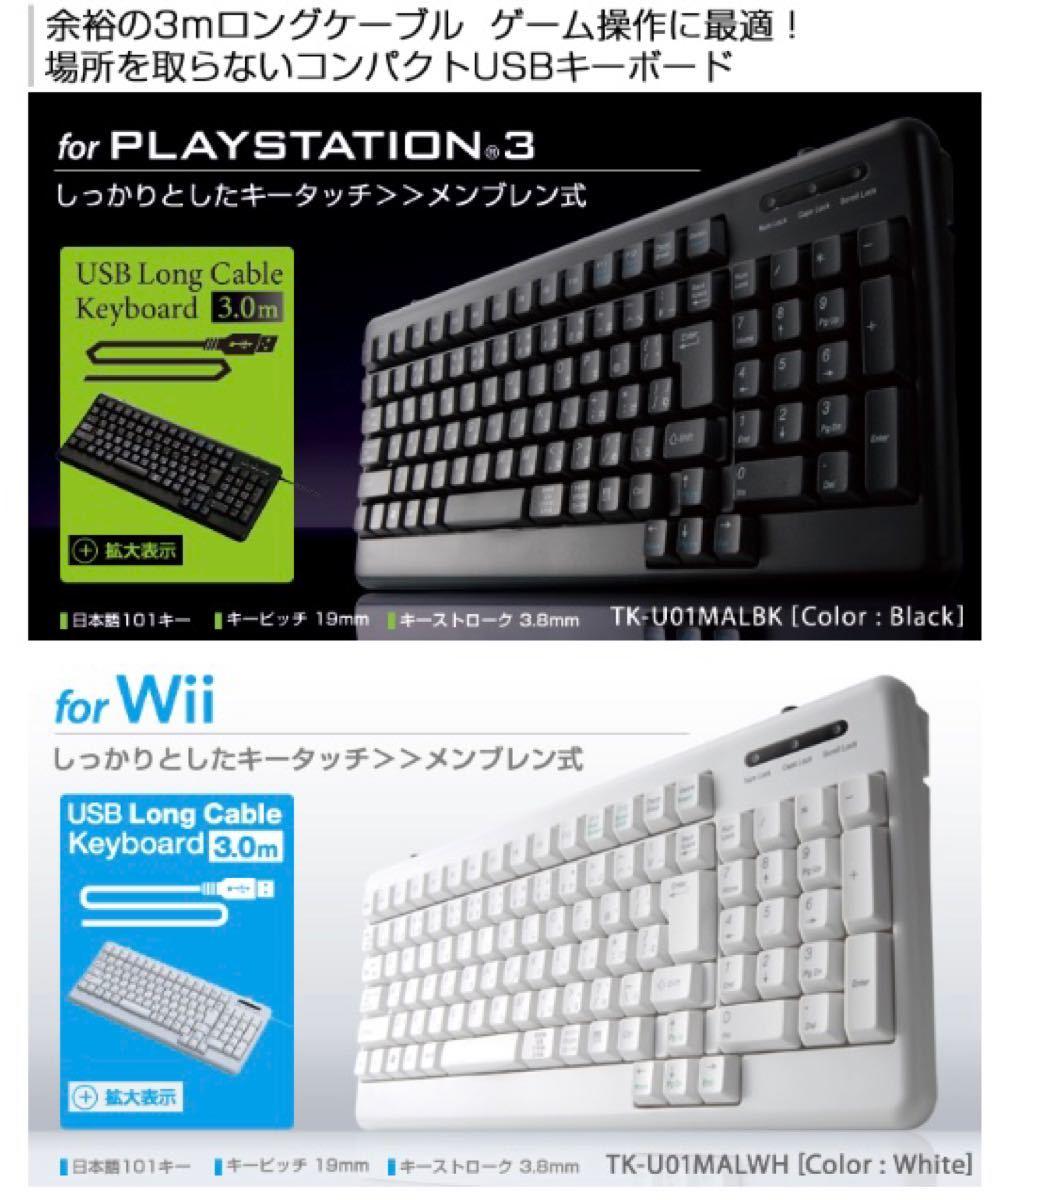 キーボード PCキーボード